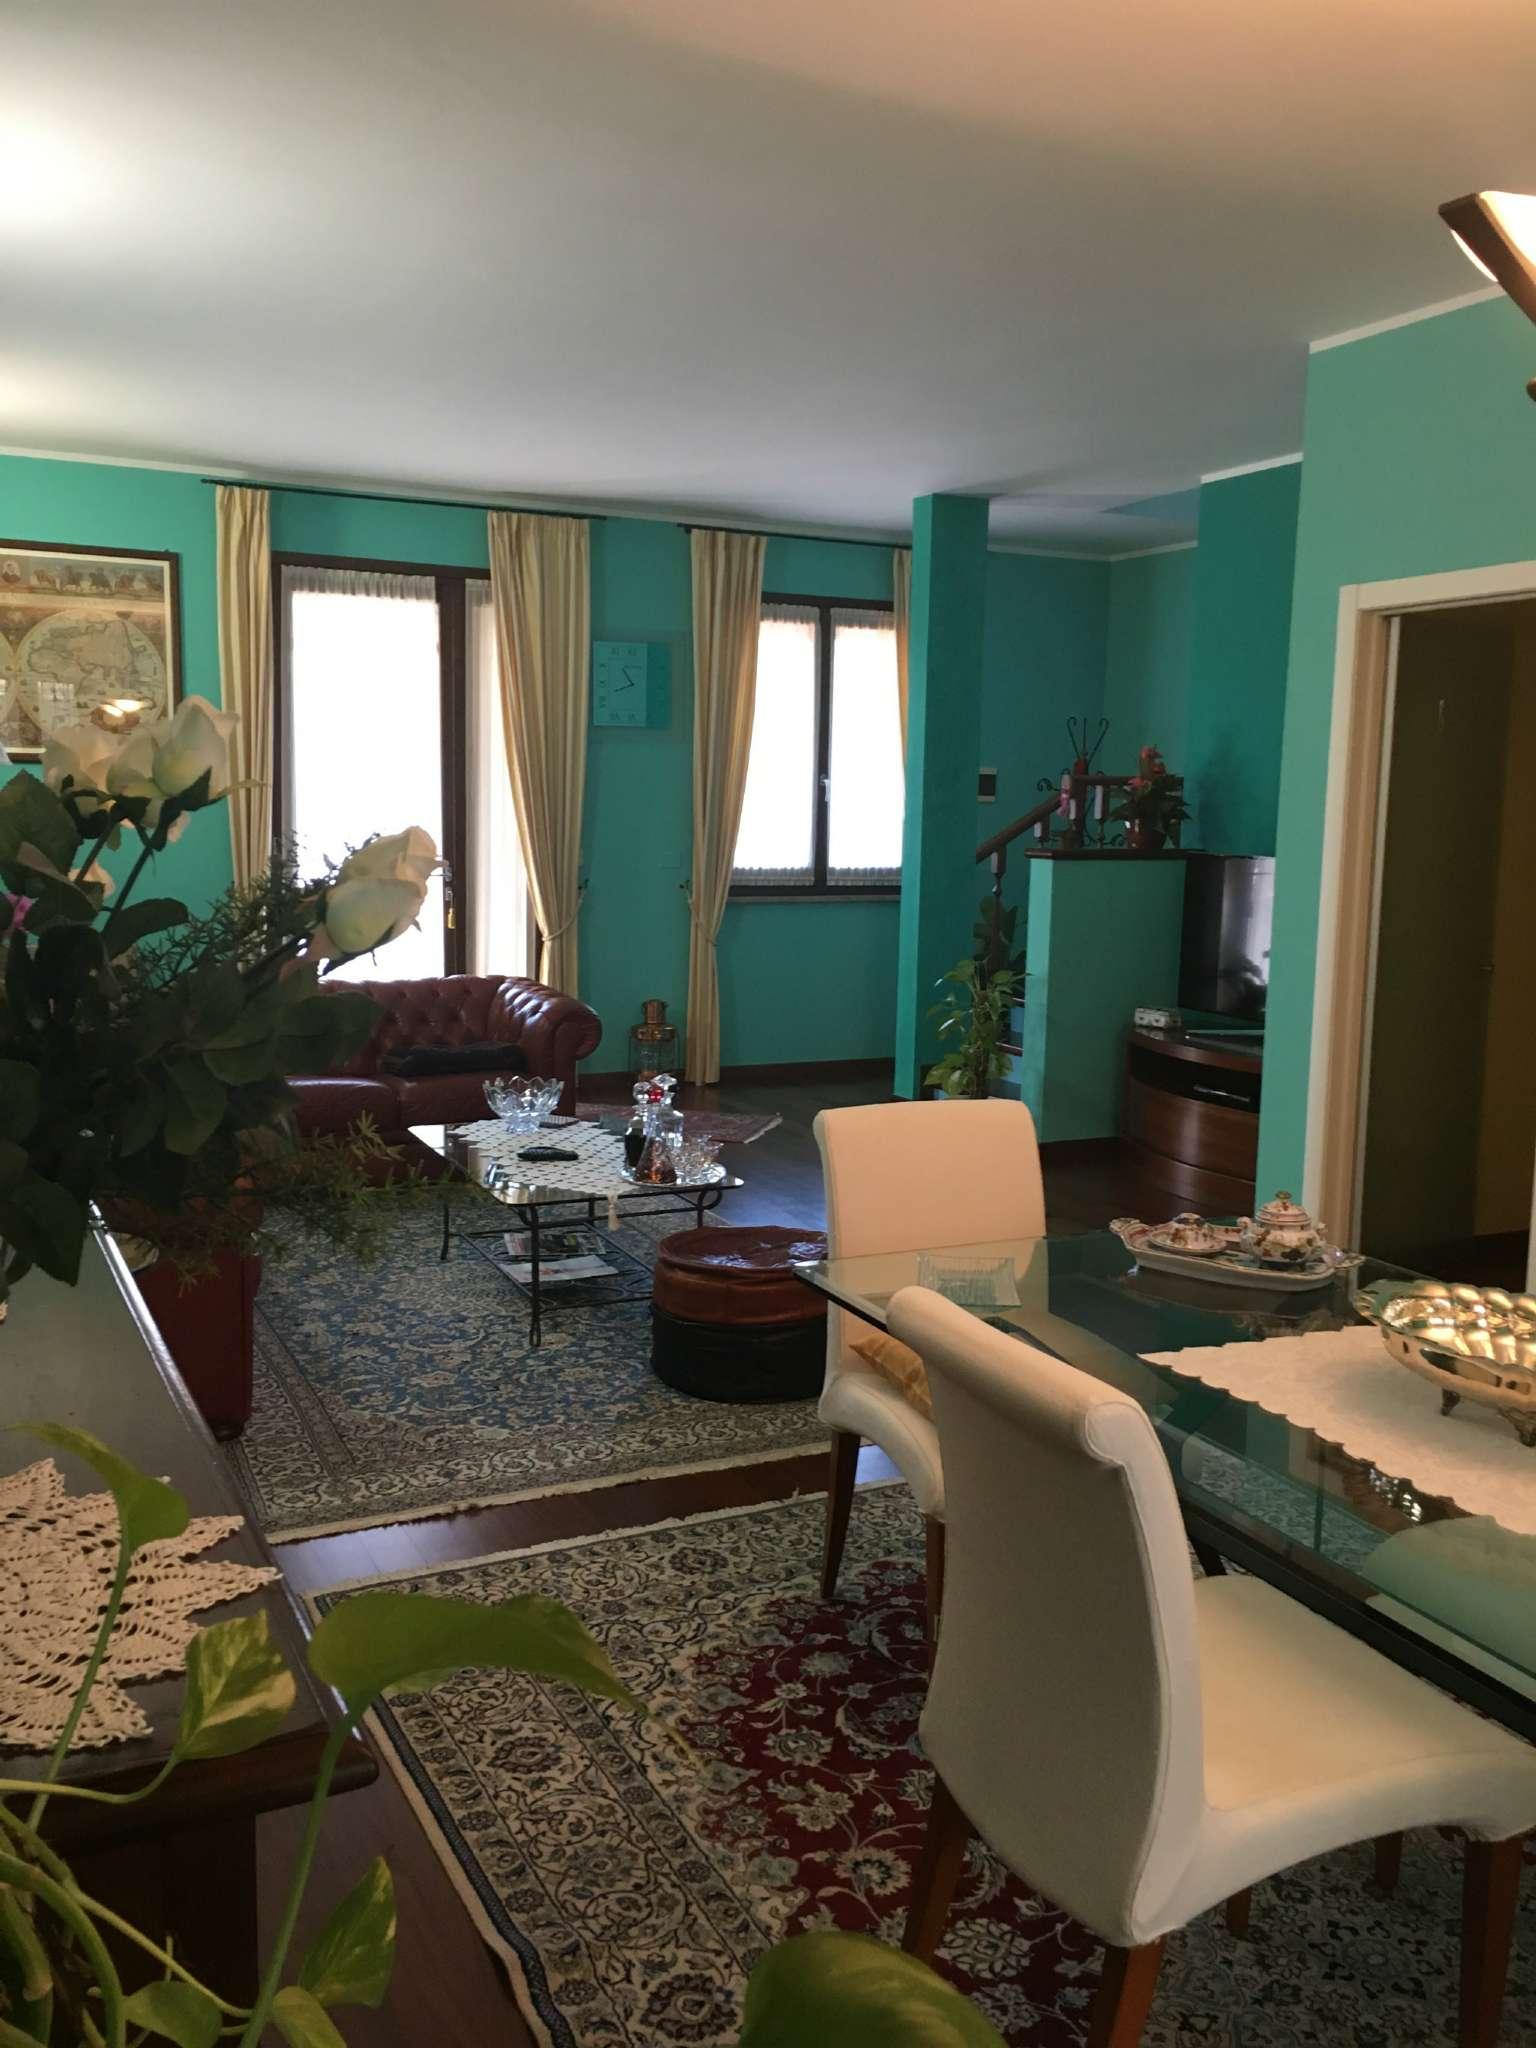 Casa indipendente in Vendita a Ravenna Centro: 5 locali, 183 mq